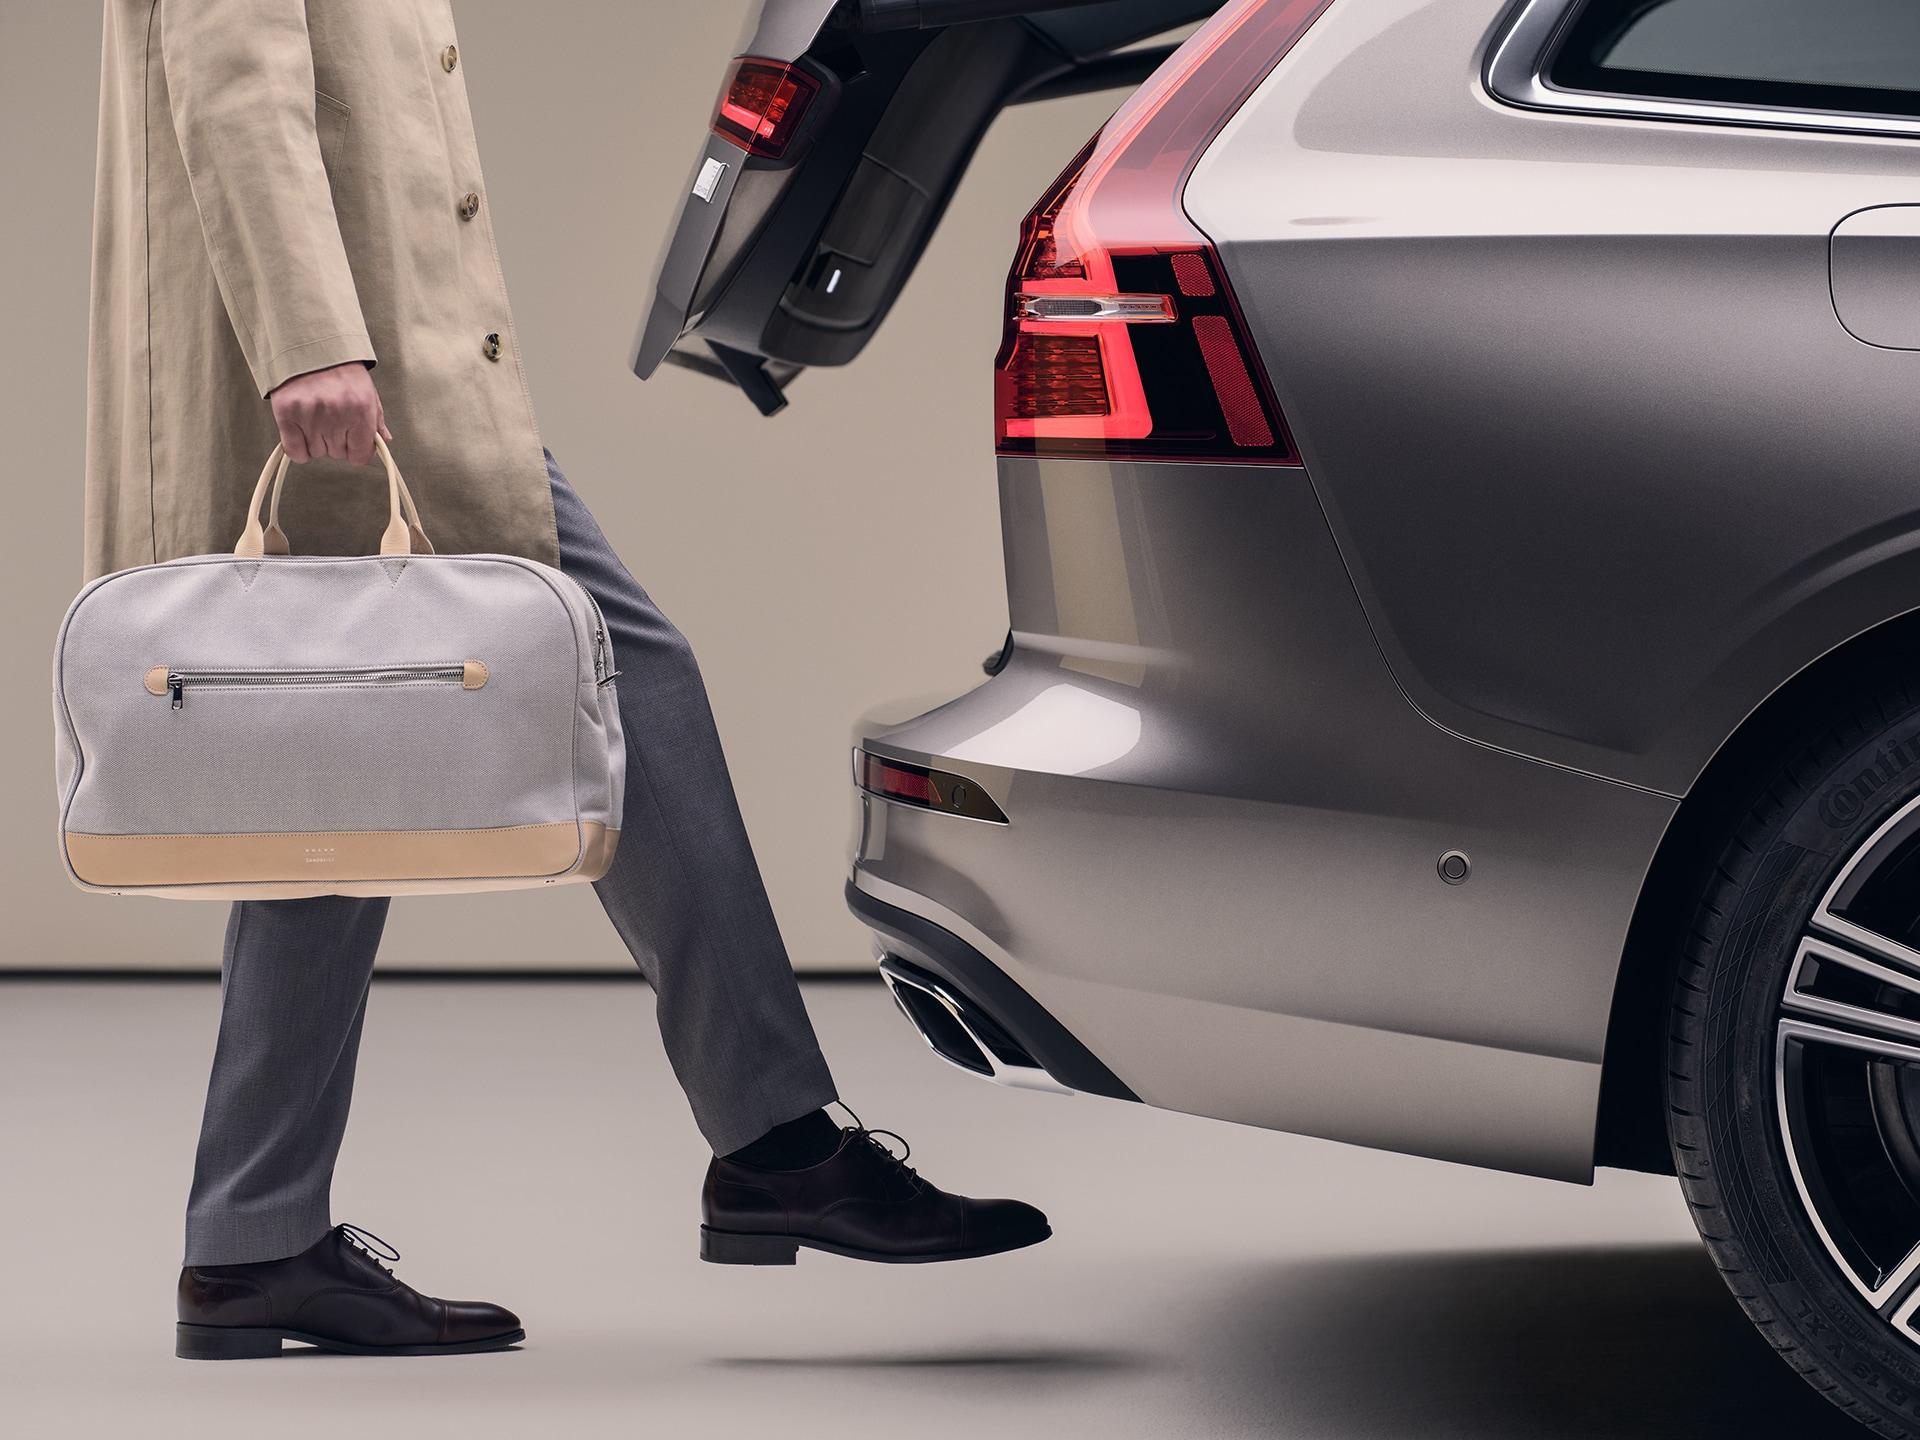 Homme avec un sac de sport à la main, déplaçant son pied sous le pare-chocs arrière pour ouvrir le coffre